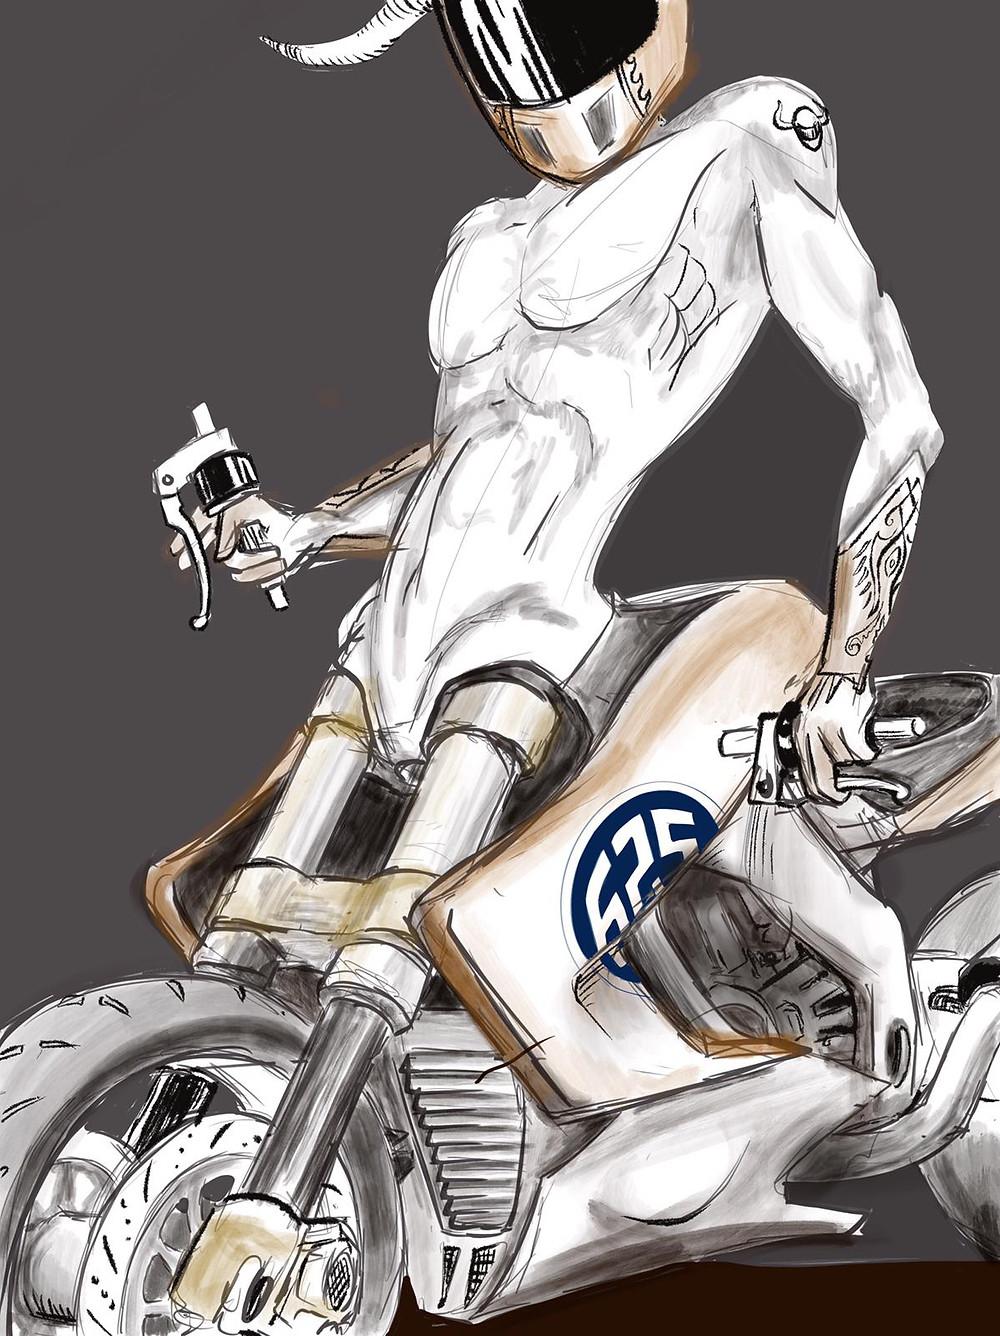 ציור של גוף אדם יוצא מתוך אופנוע